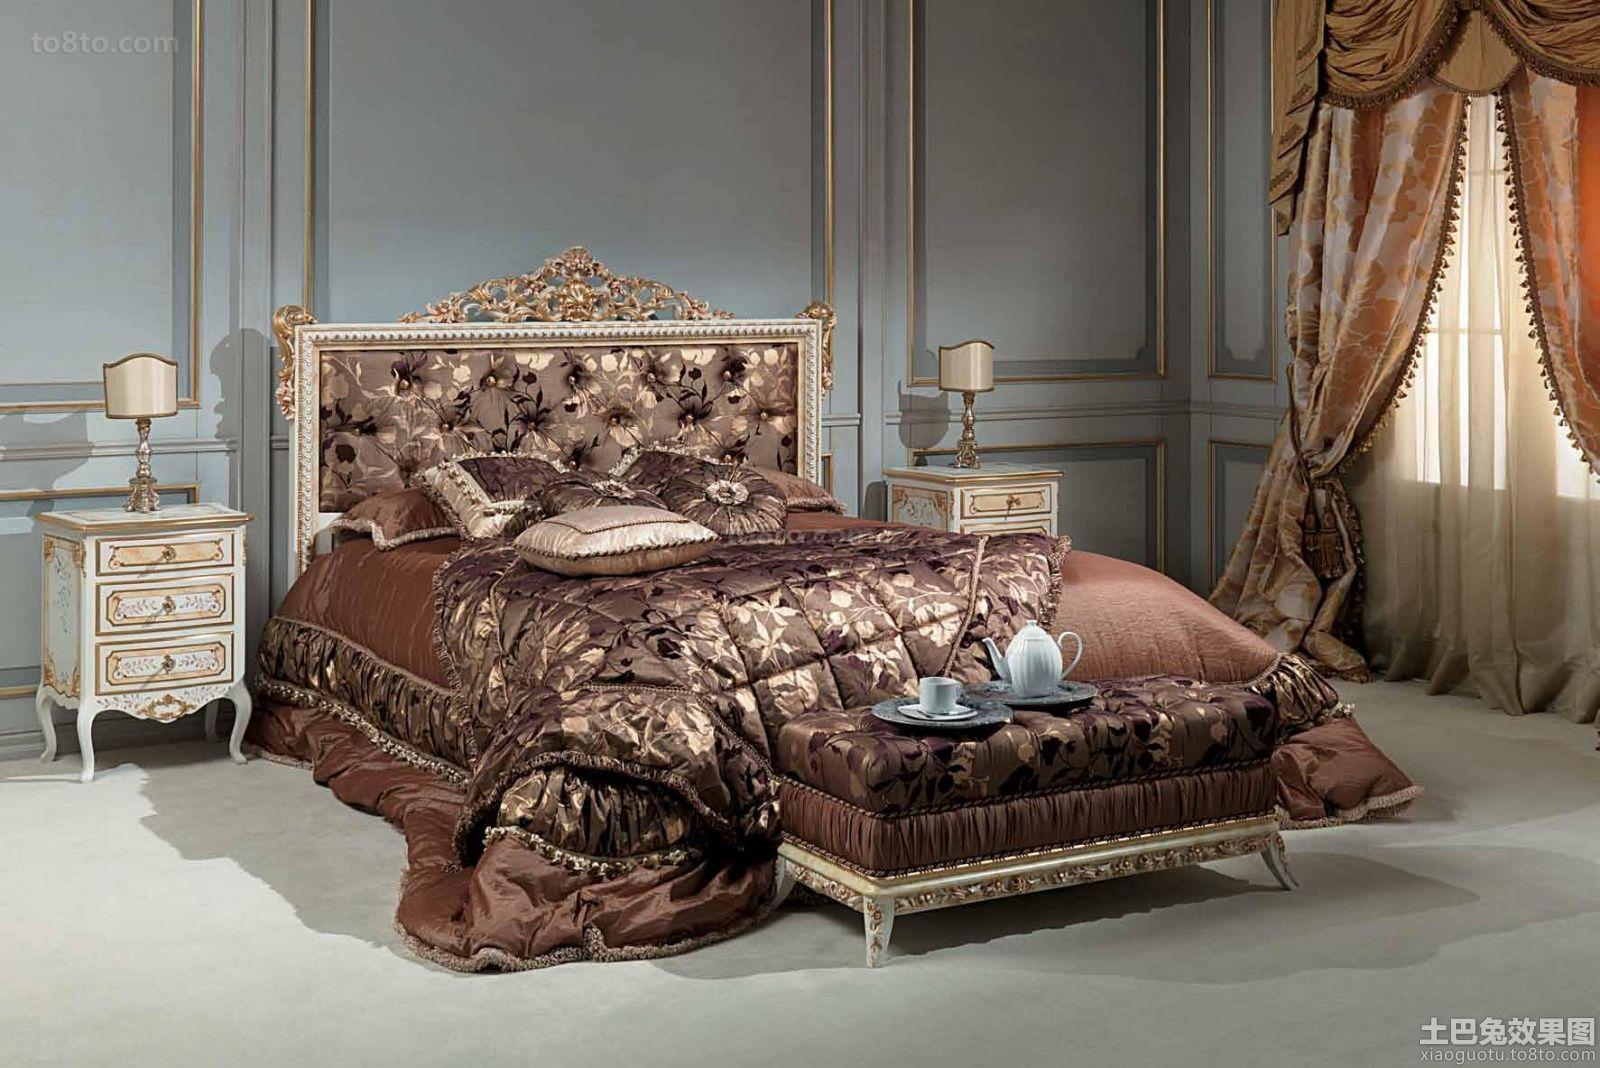 卧室巴洛克风格家具图片